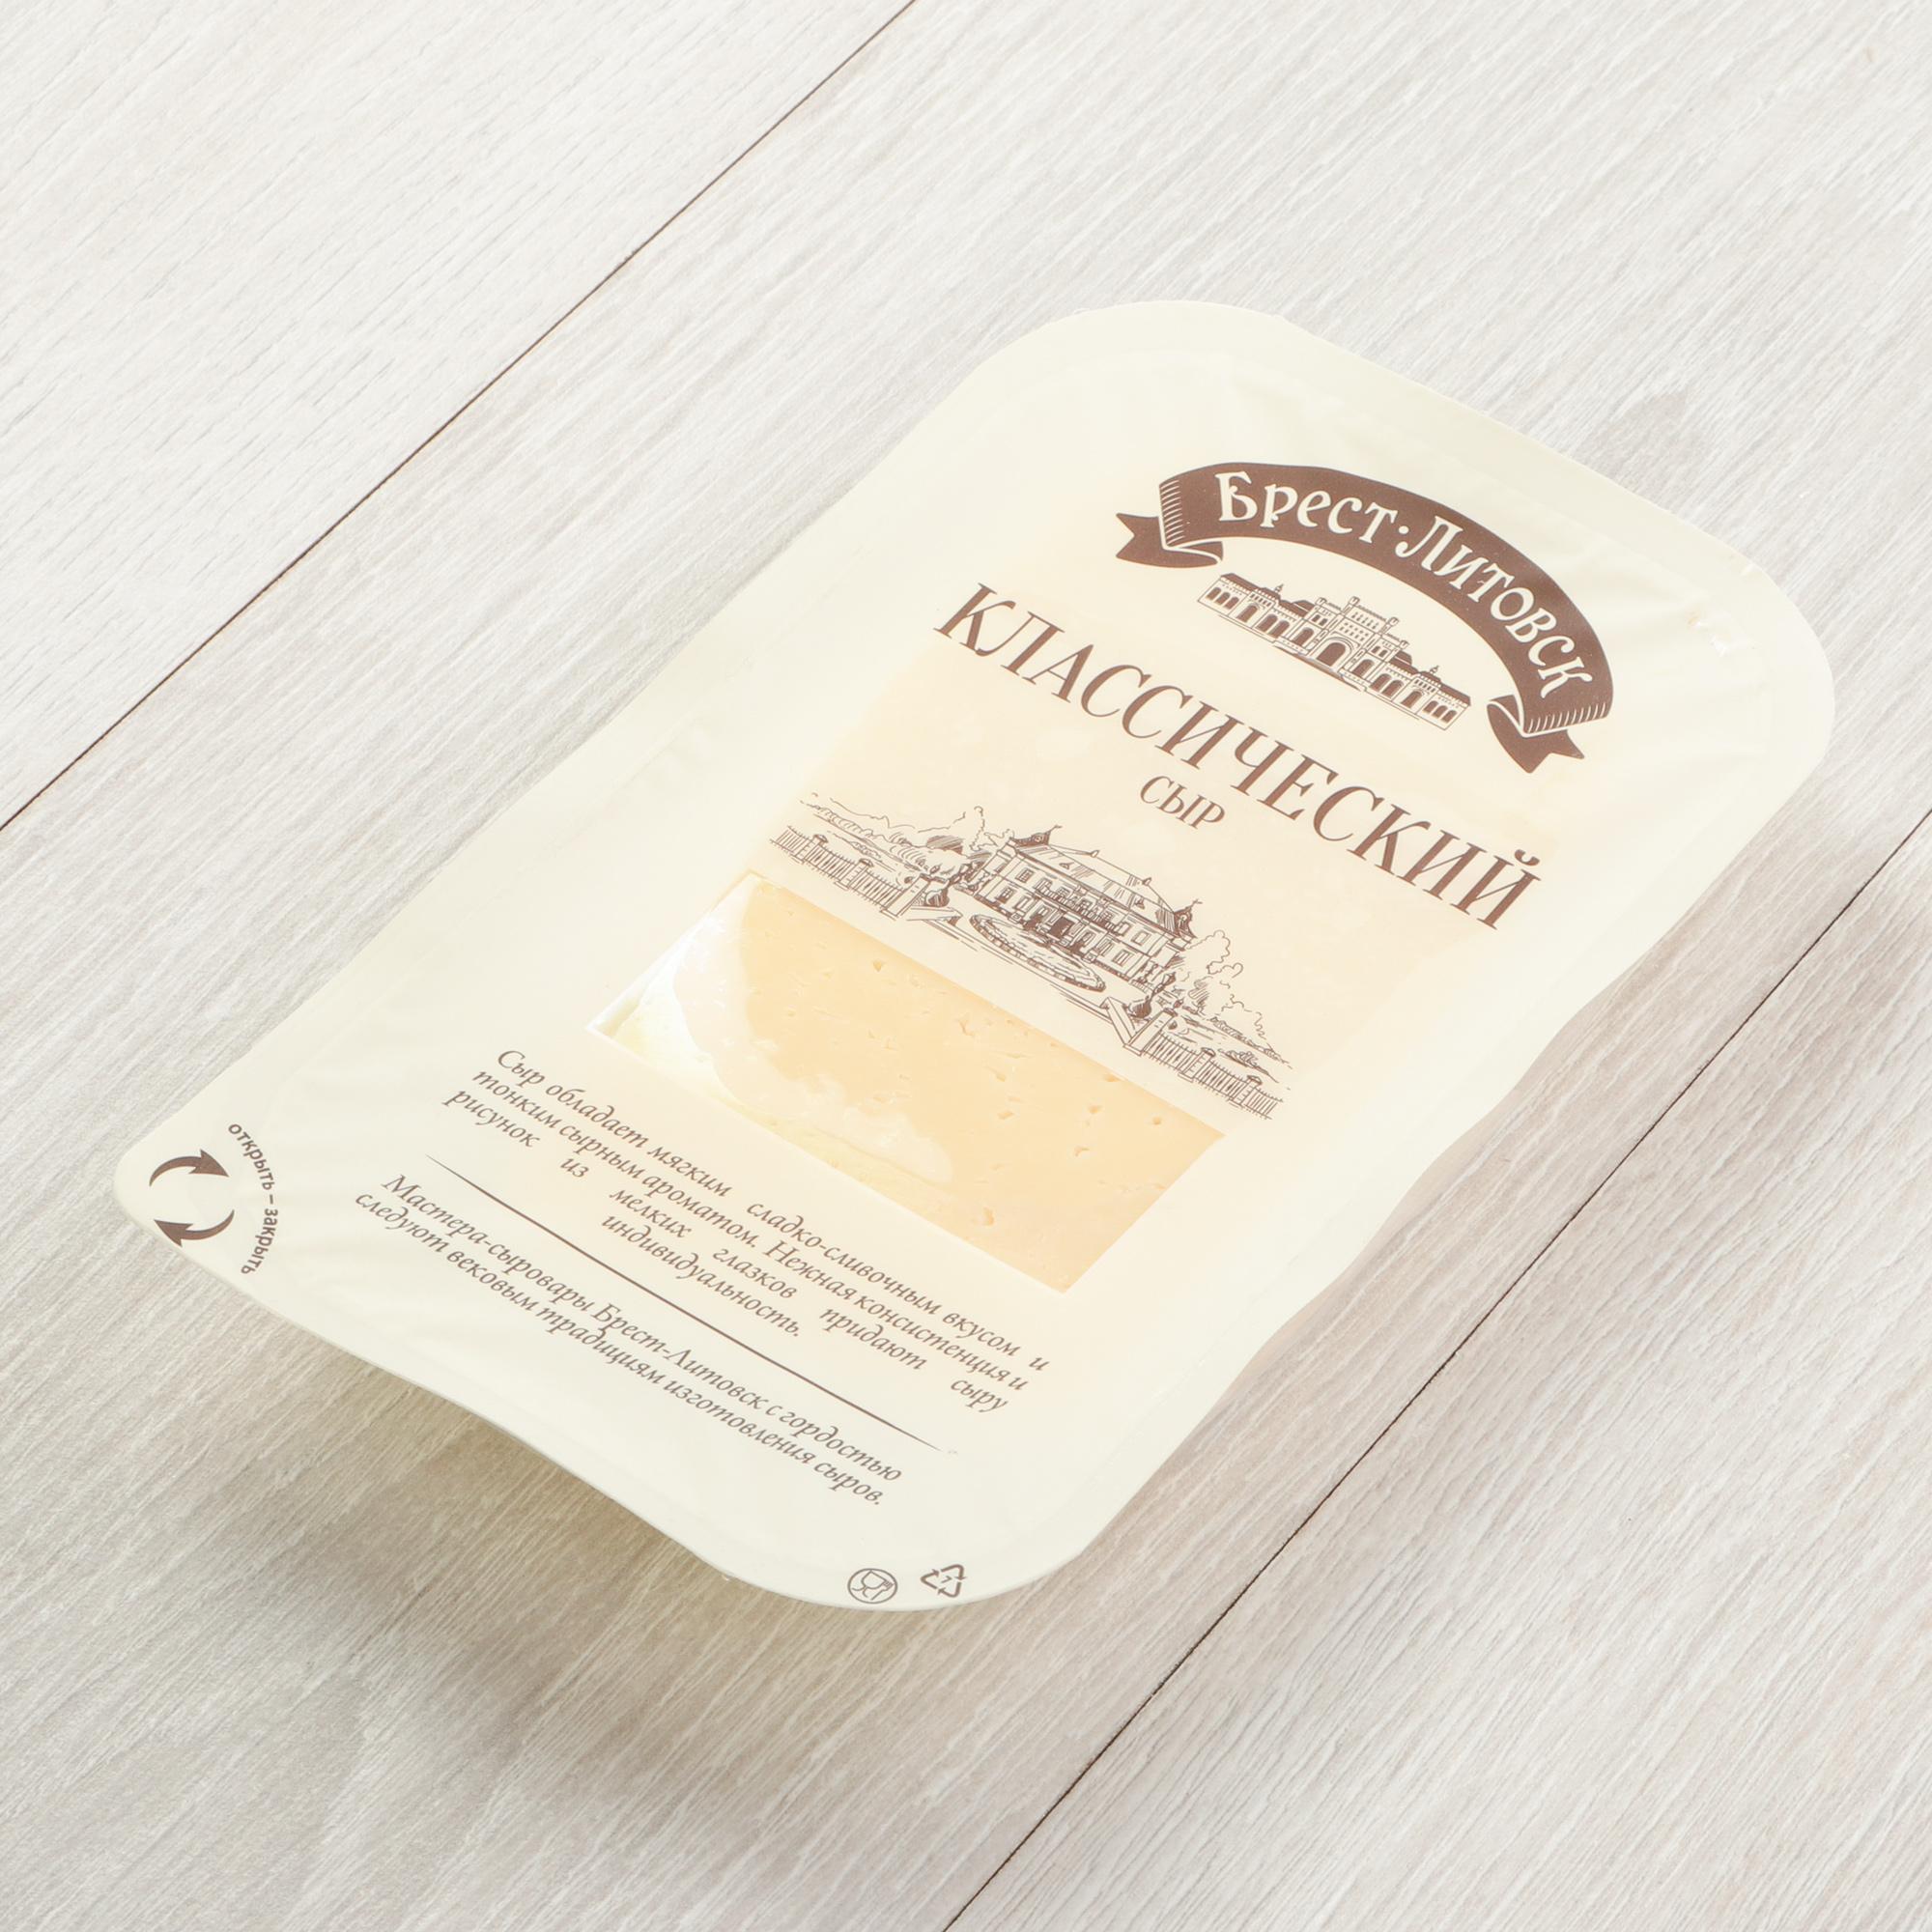 Сыр Брест-Литовск Классический 45% 150 г недорого